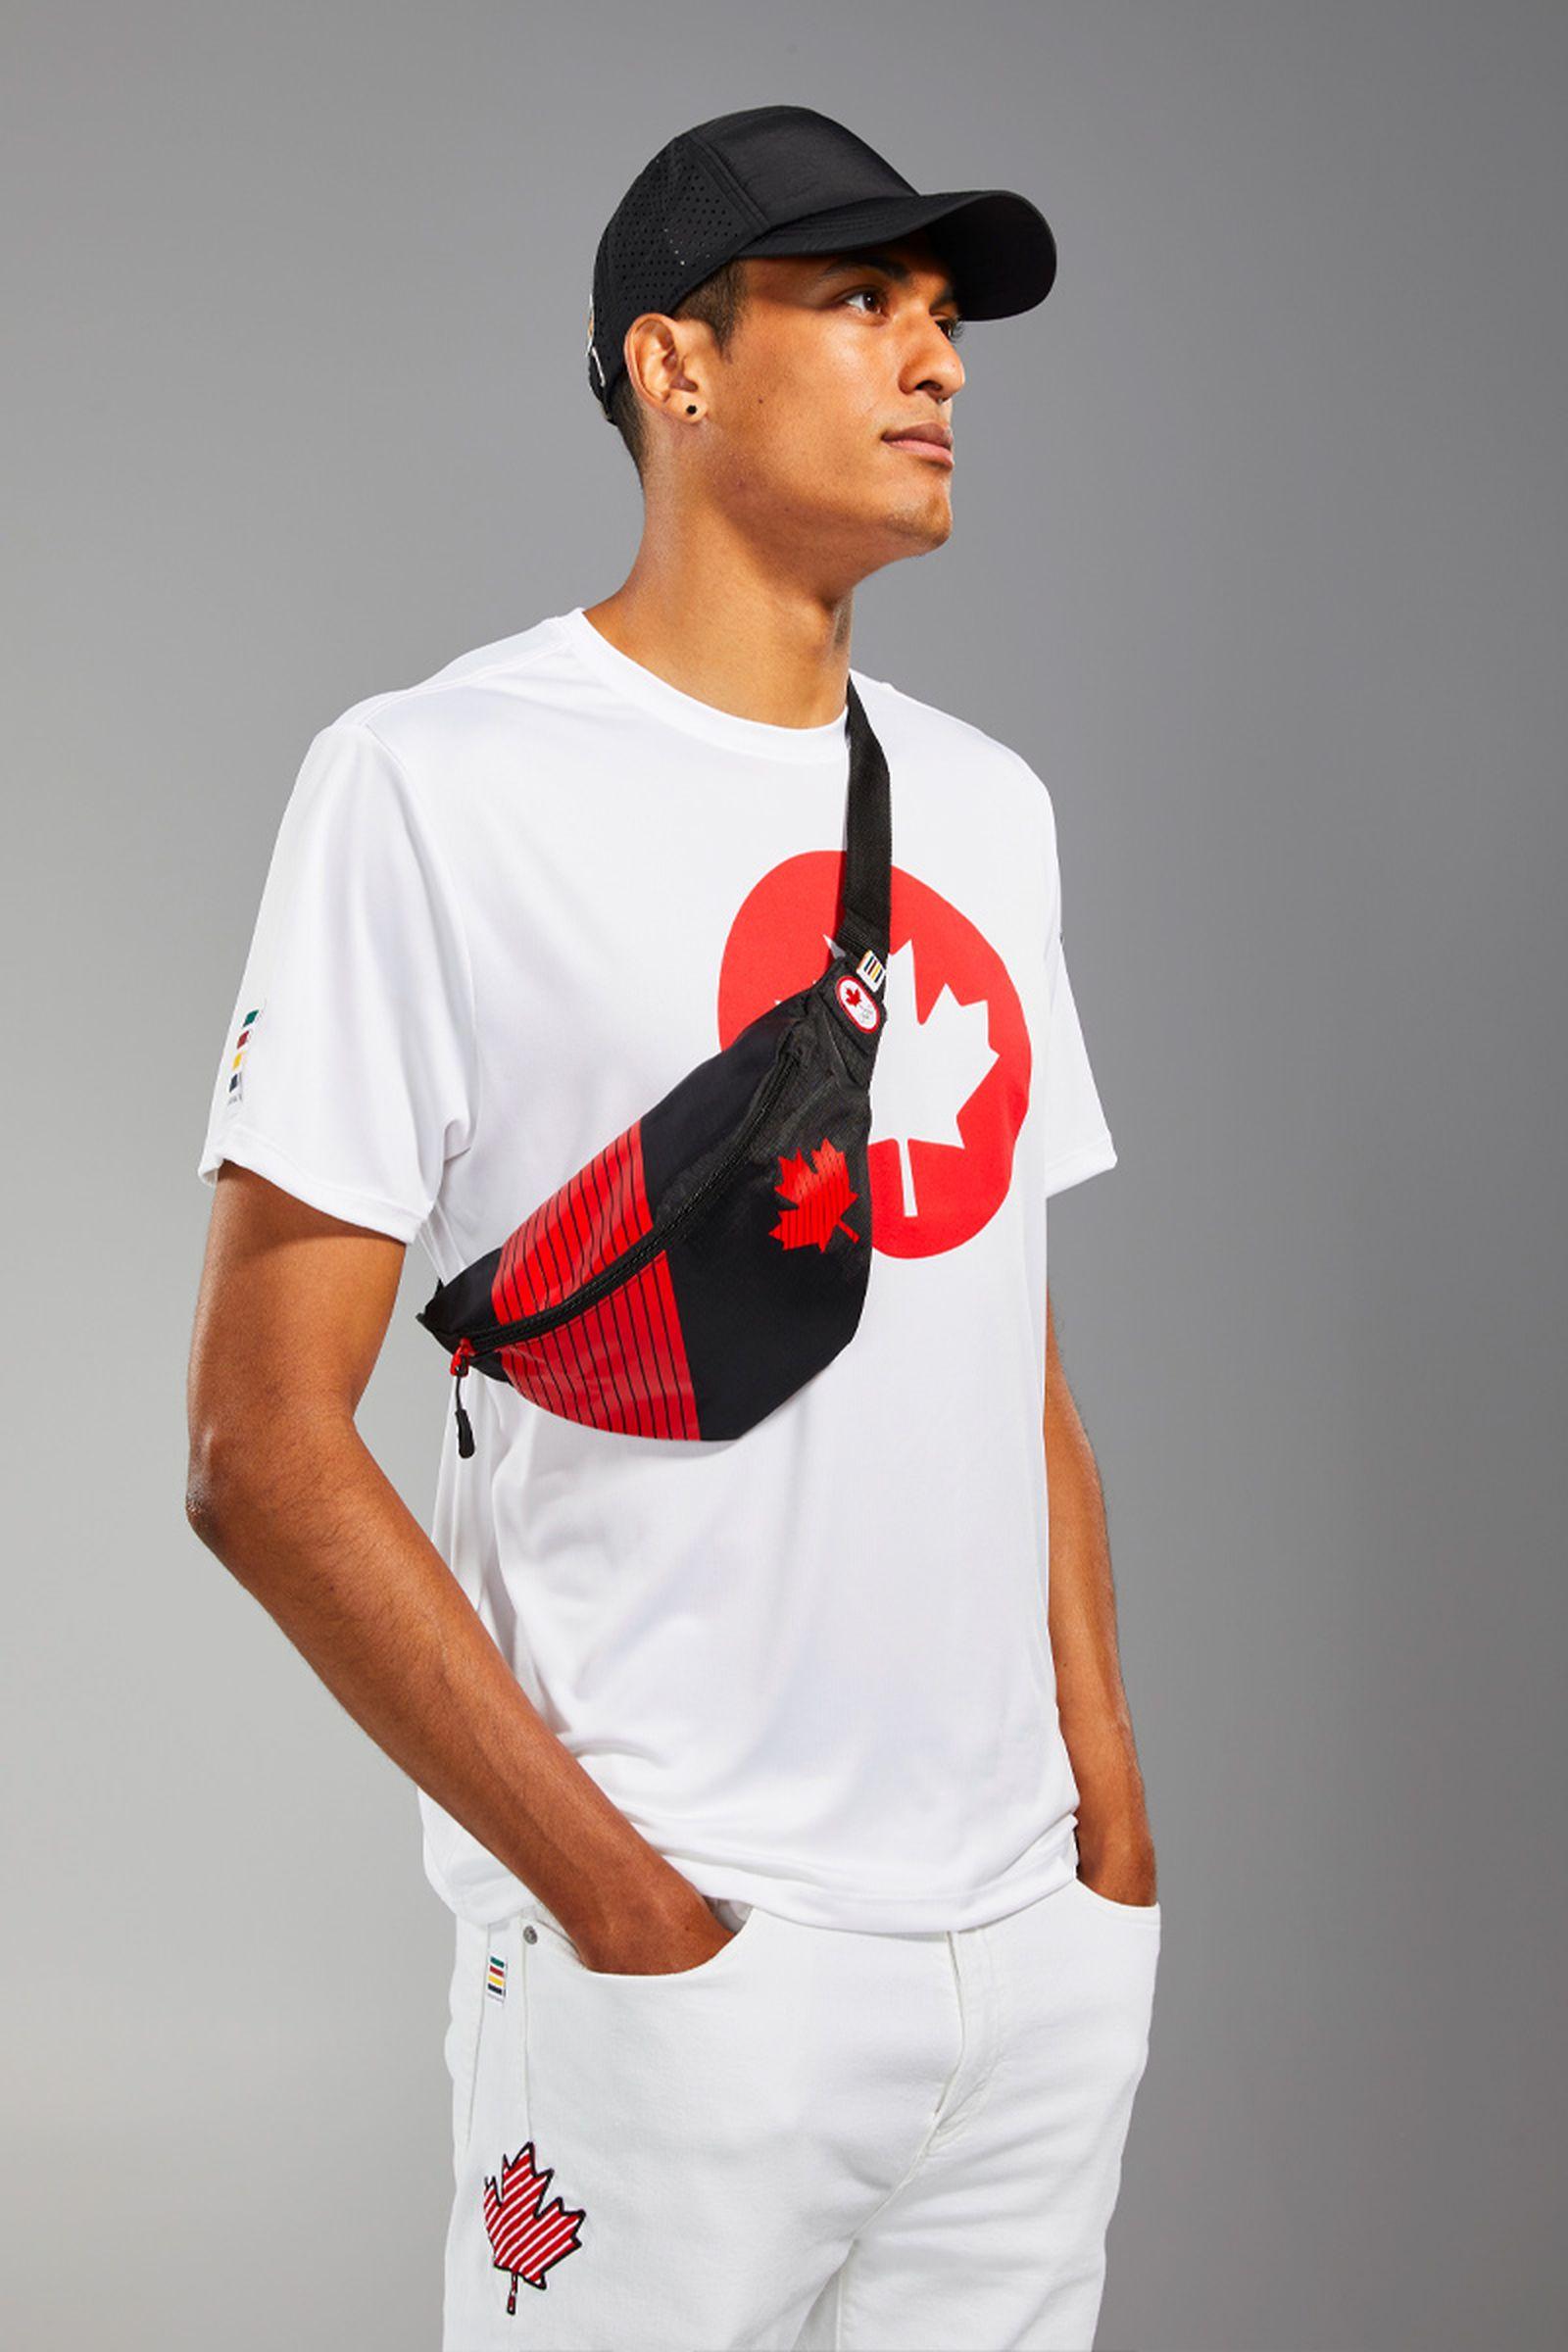 canada-olympic-uniform-denim-jacket-04